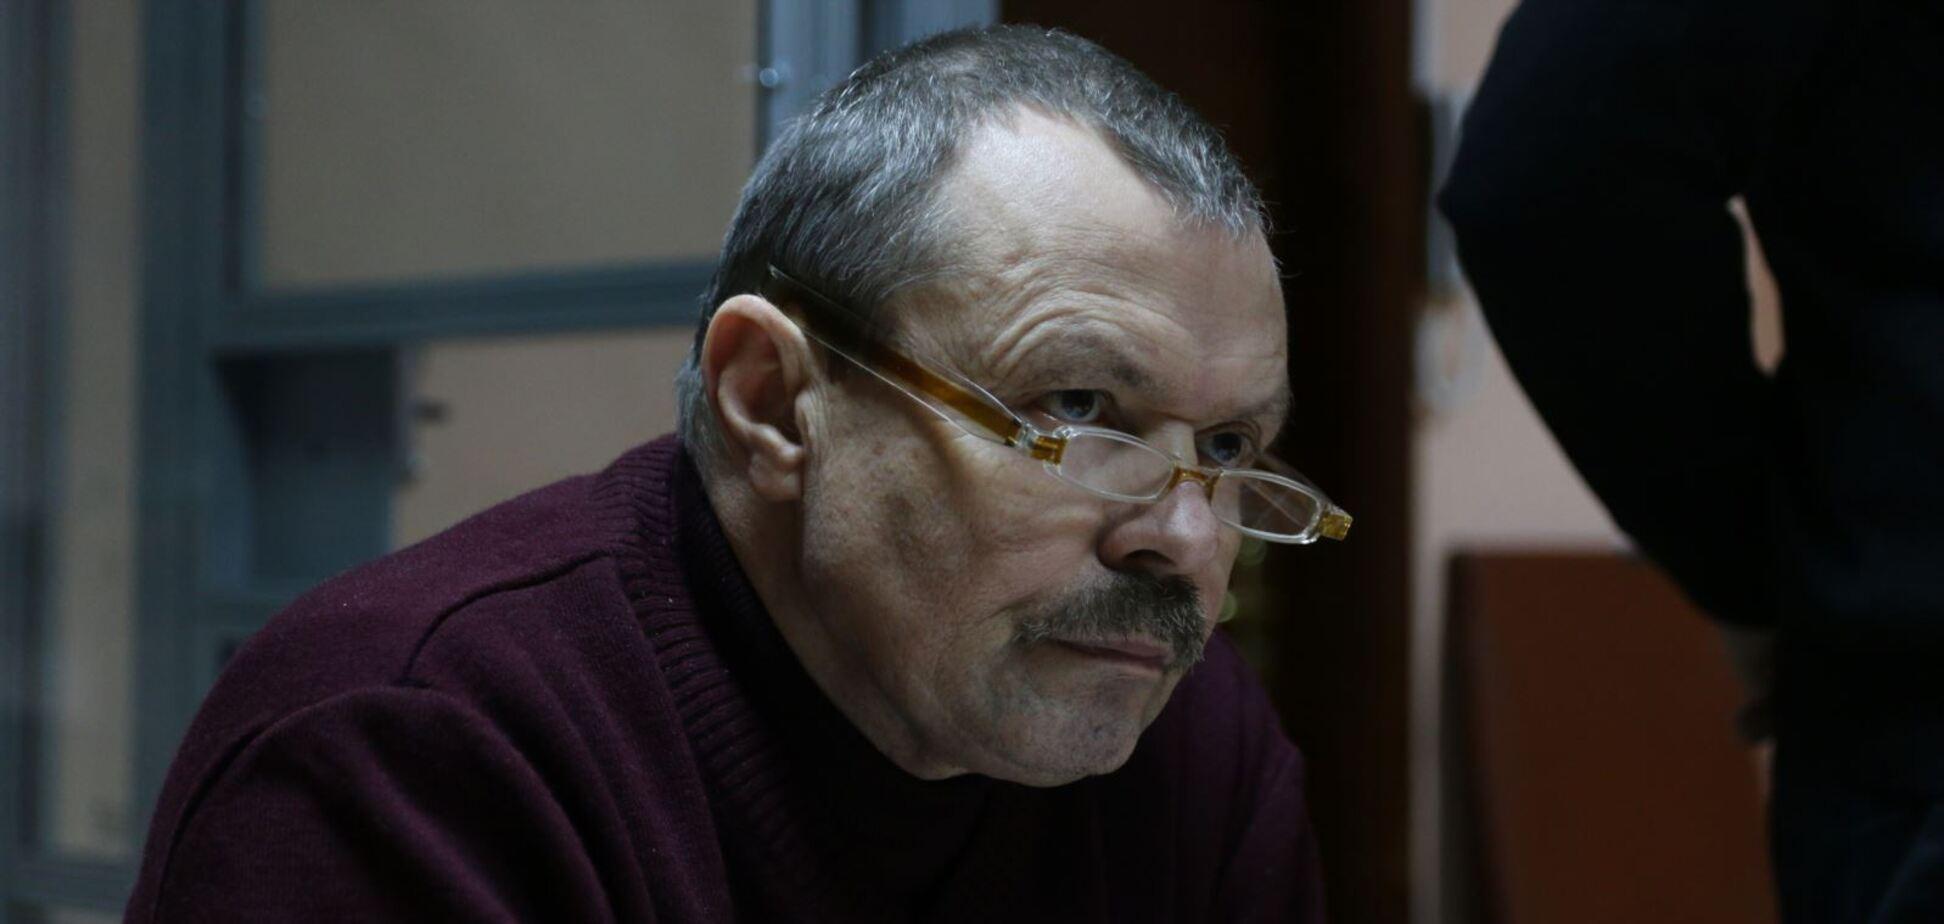 Василия Ганыша задержали в июле